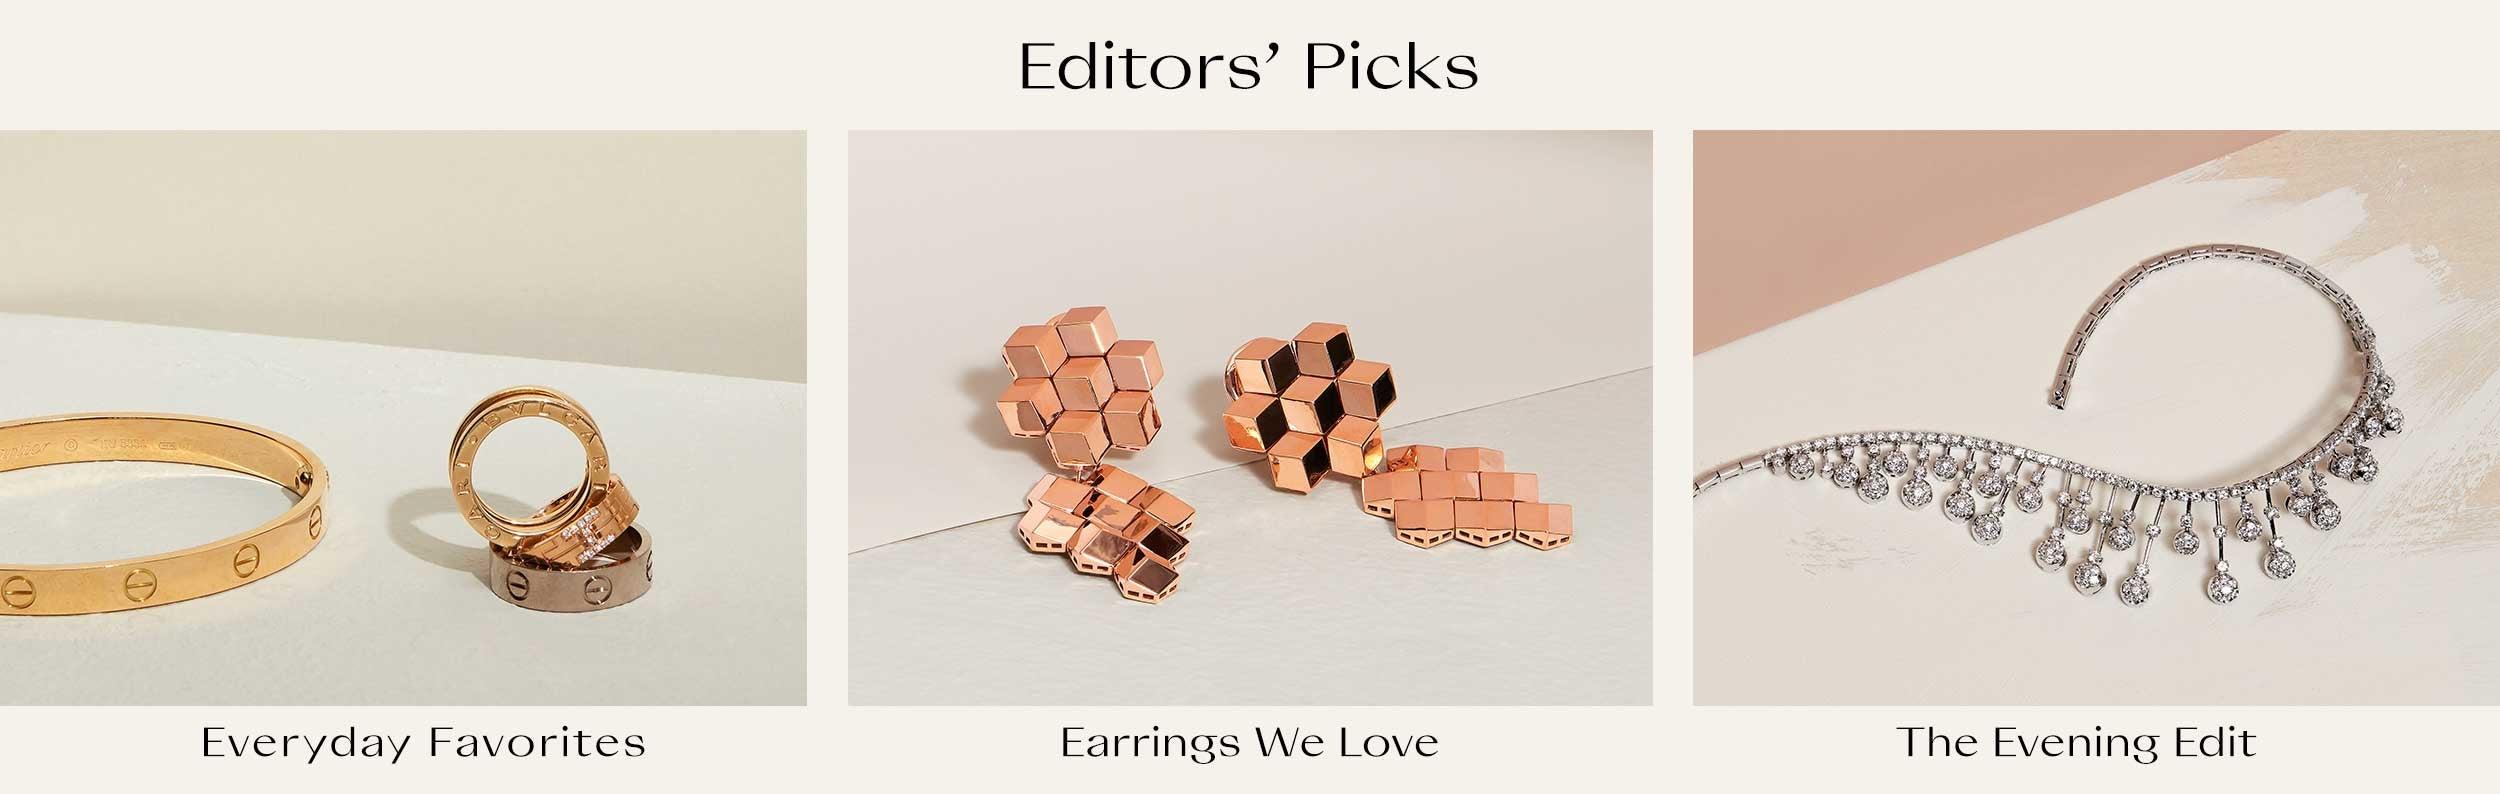 Editor's Pick: A 78 Version of Fendi's Beloved BaguetteBag